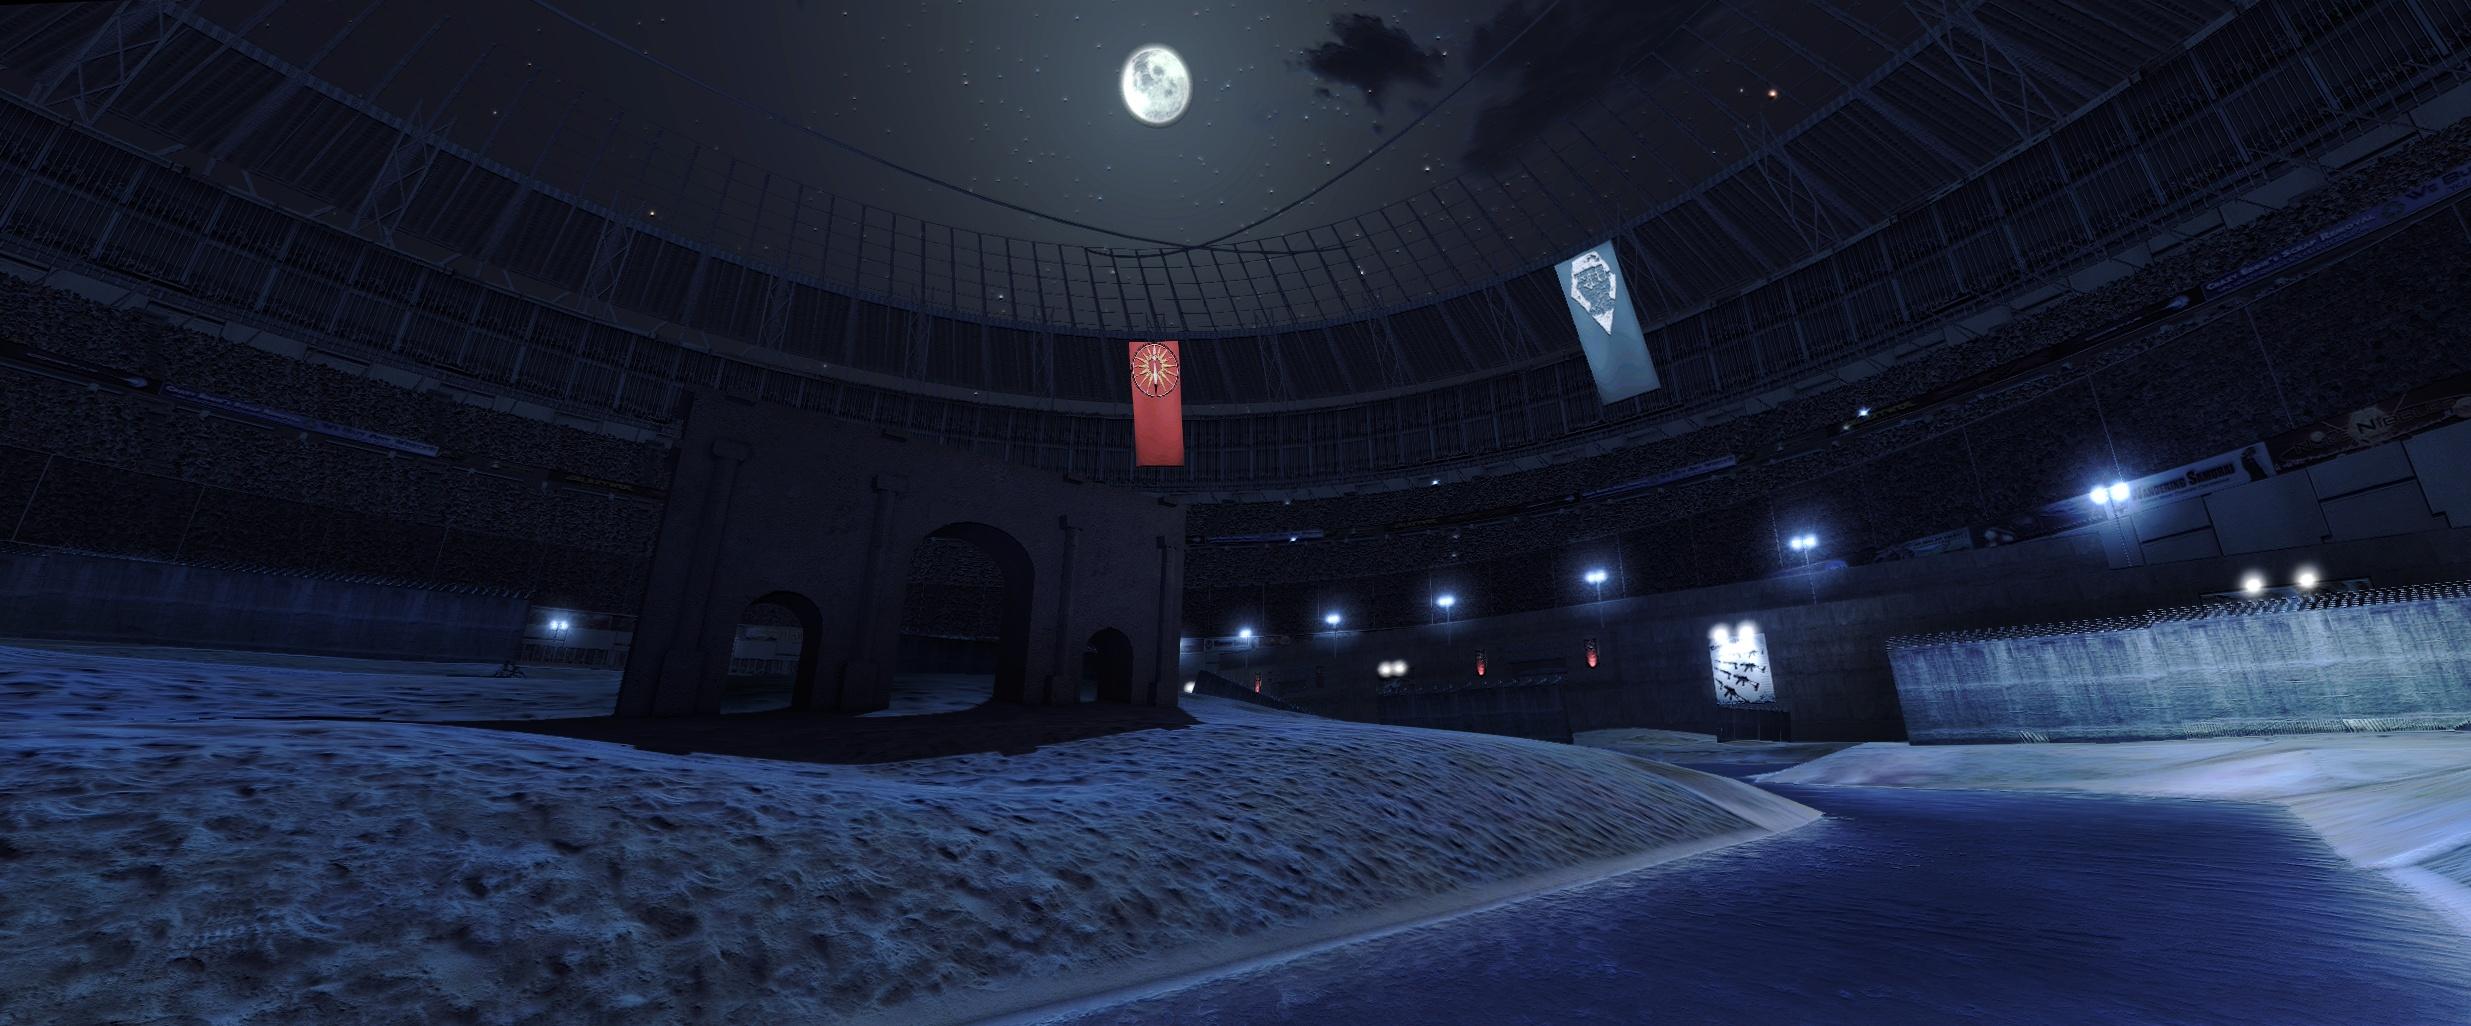 SA Gladiator at night